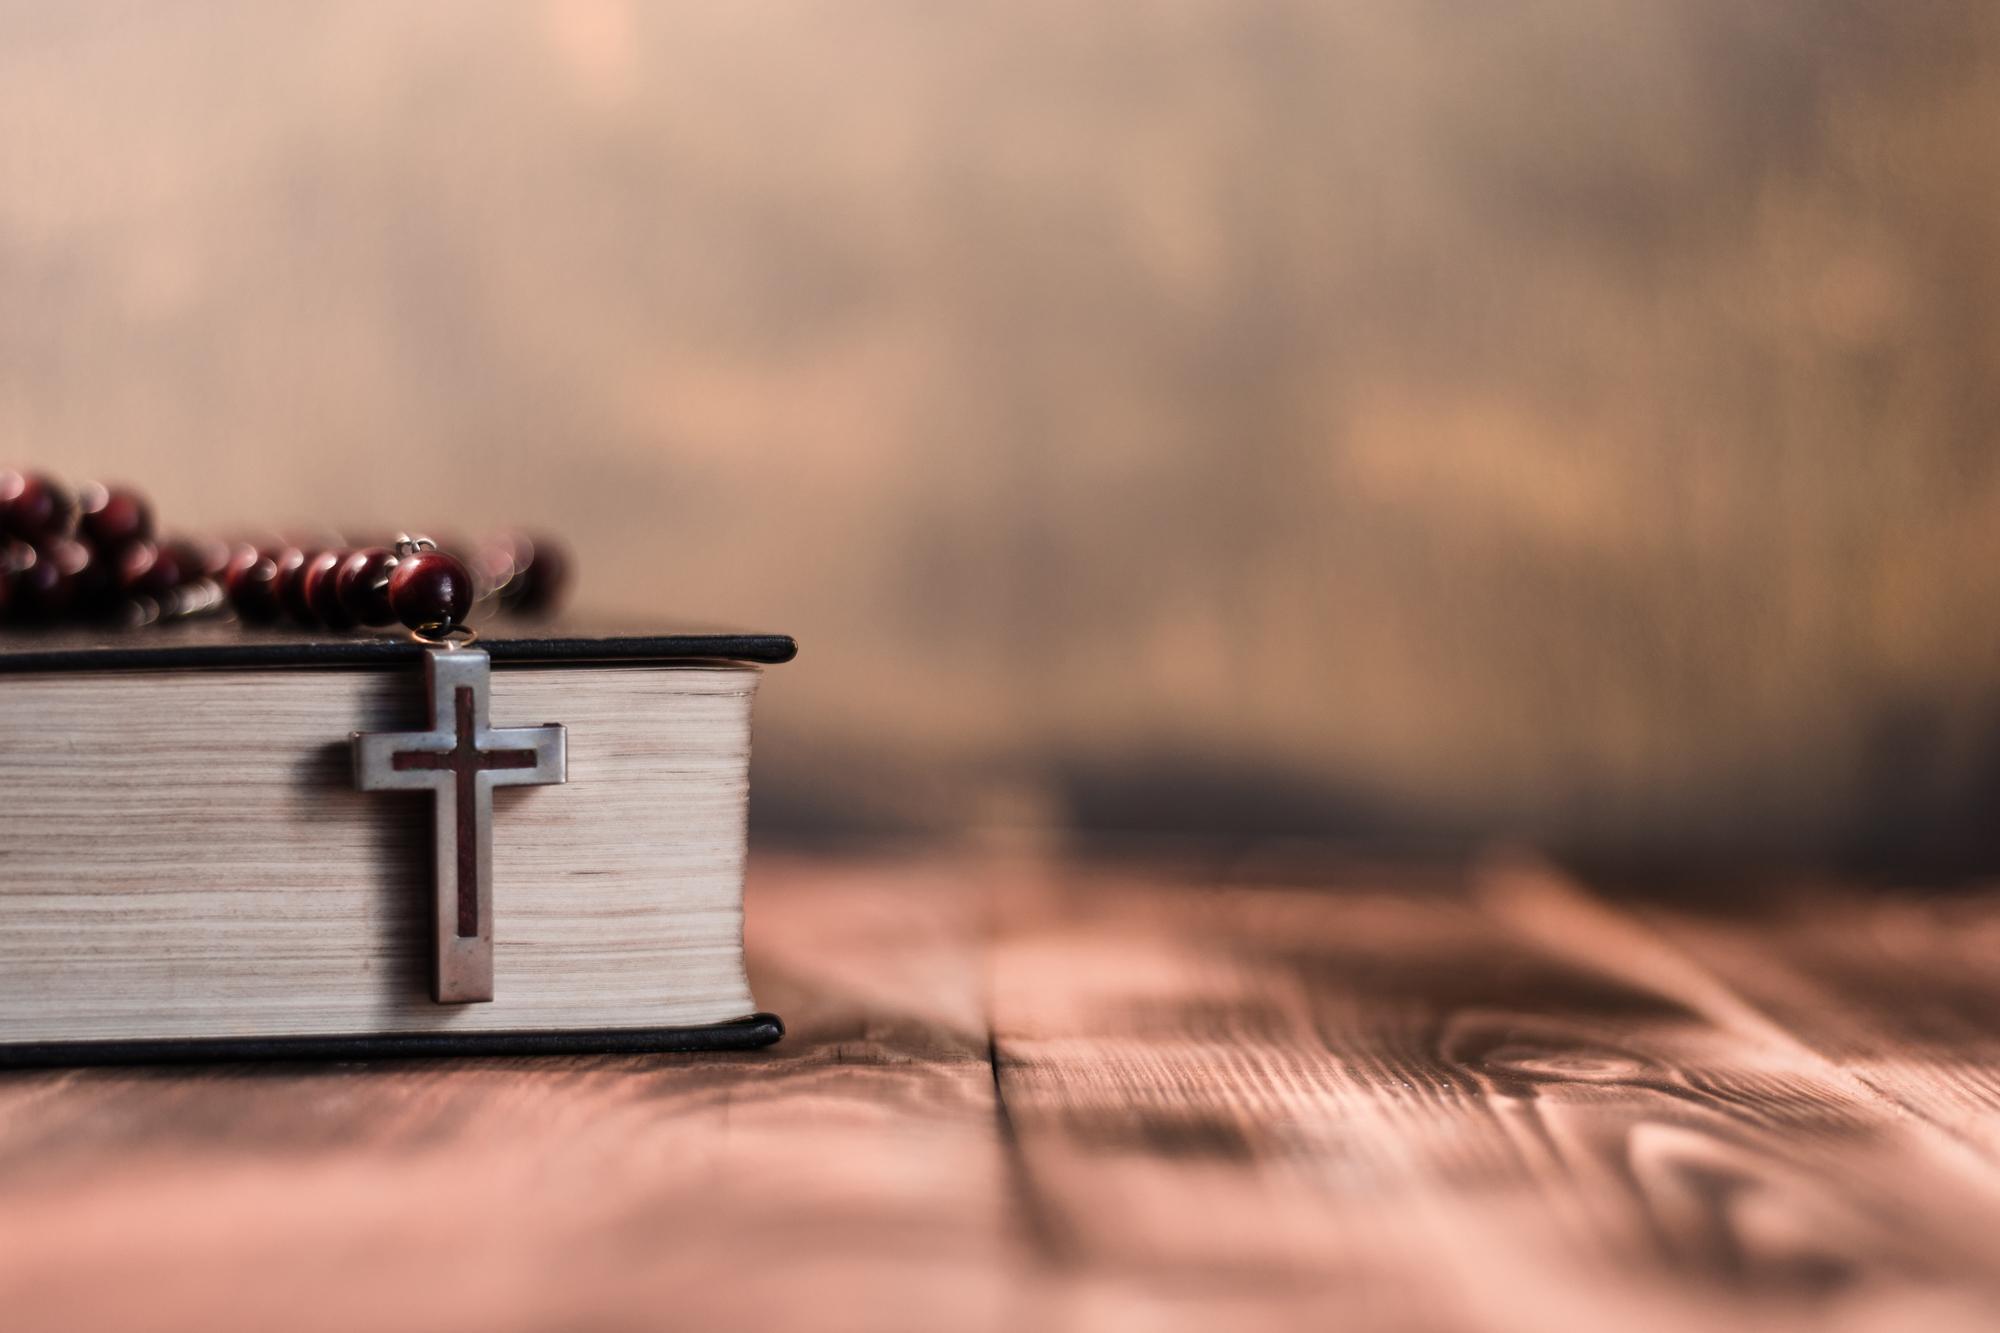 スリランカのキリスト教会の連続爆破テロ事件について。